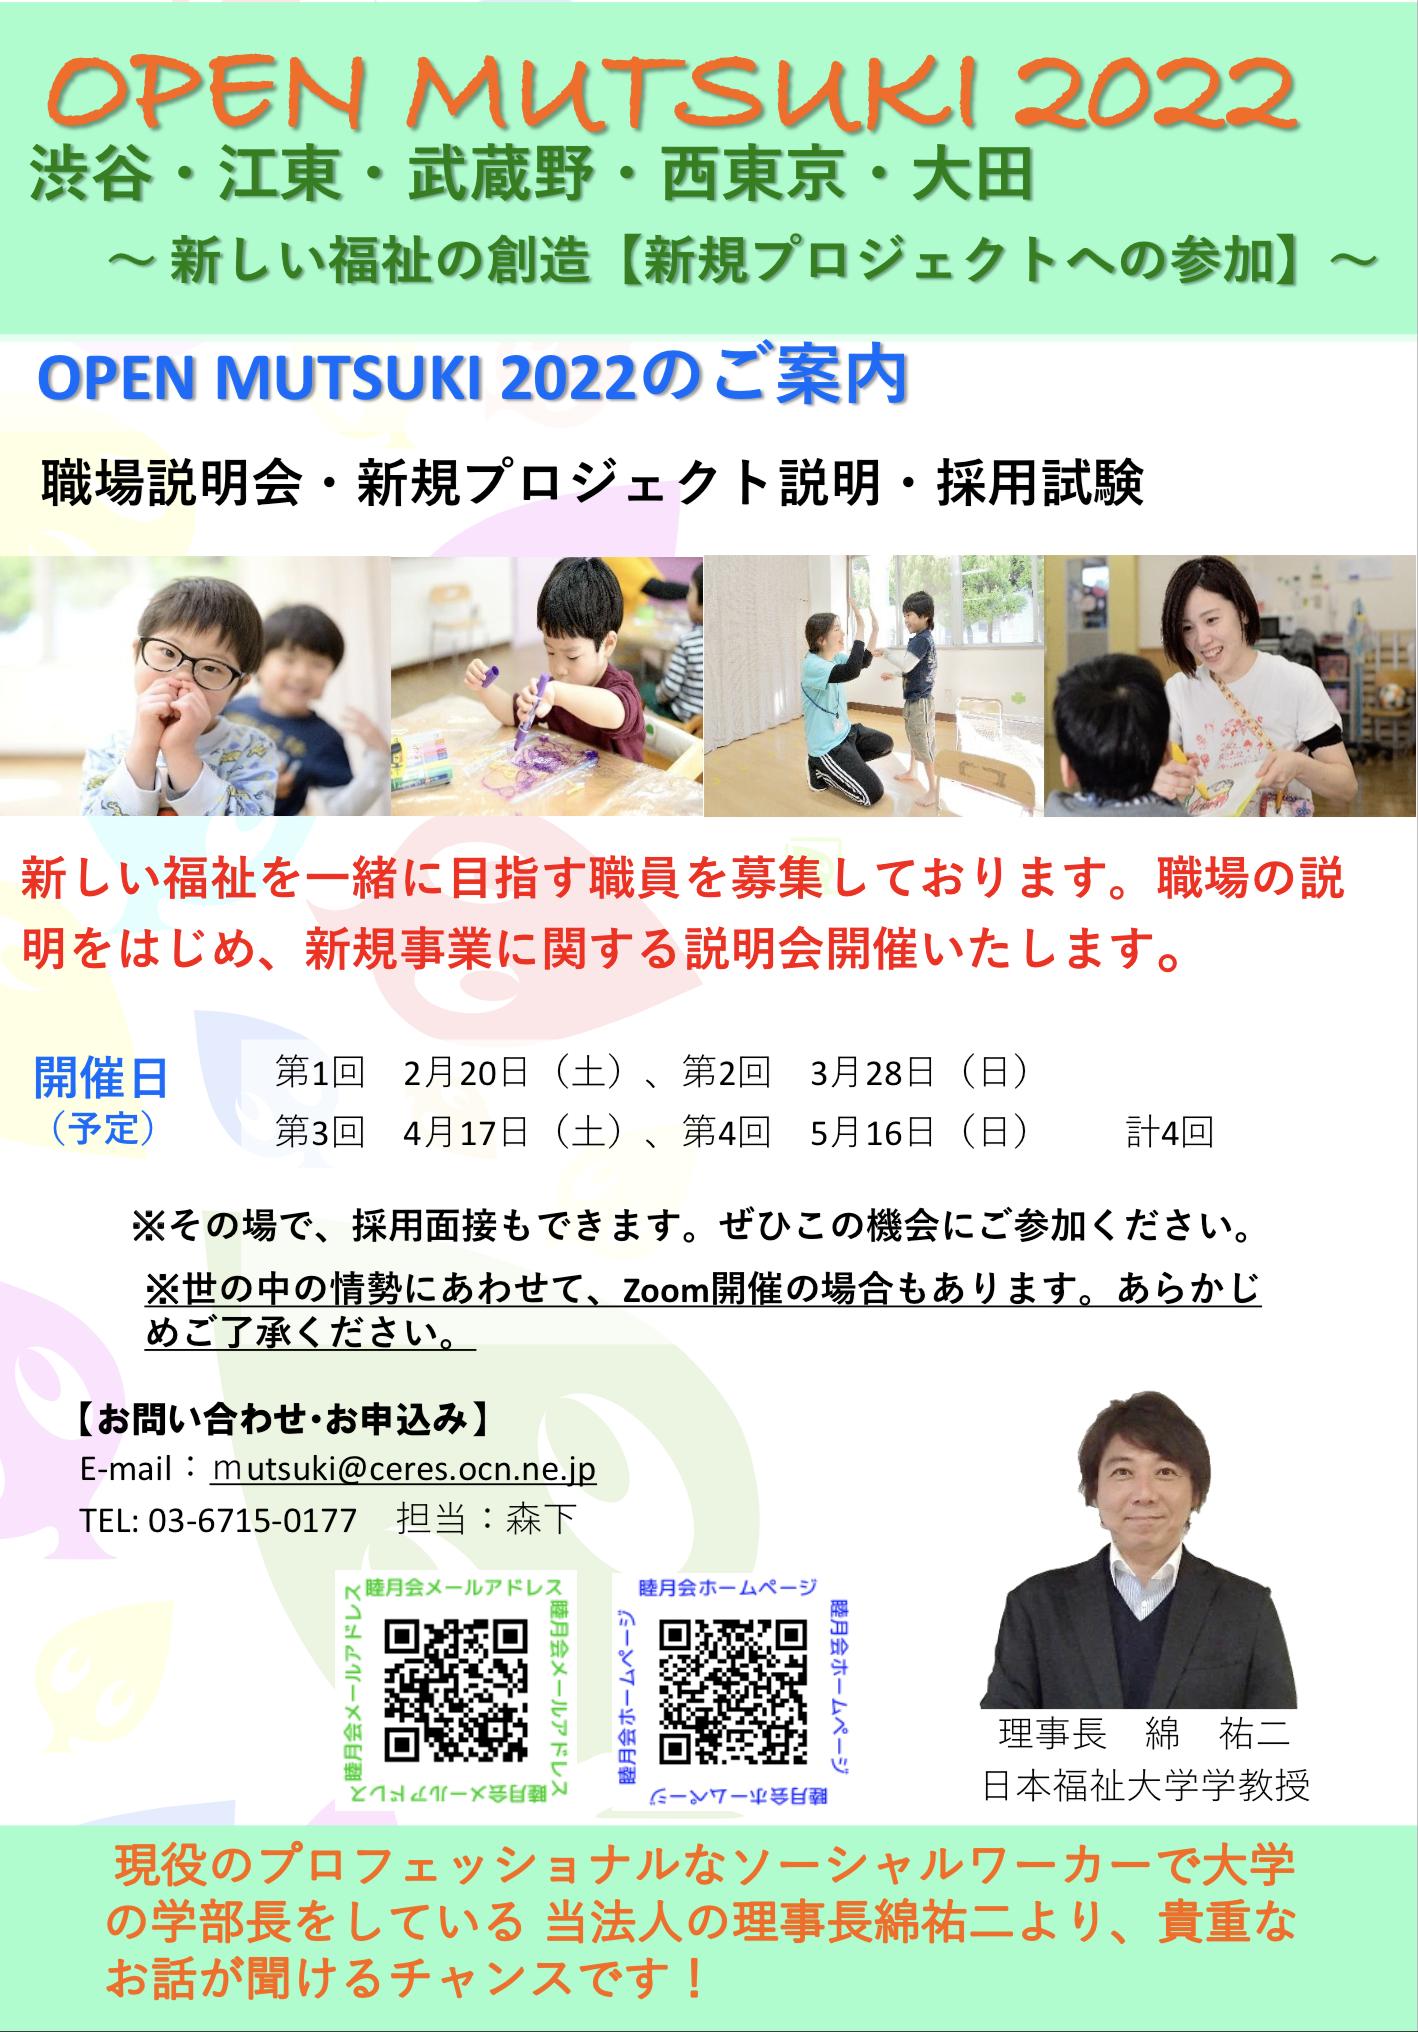 記事 2022年度新卒者 採用説明会【OPEN MUTSUKI 2022】のお知らせのアイキャッチ画像